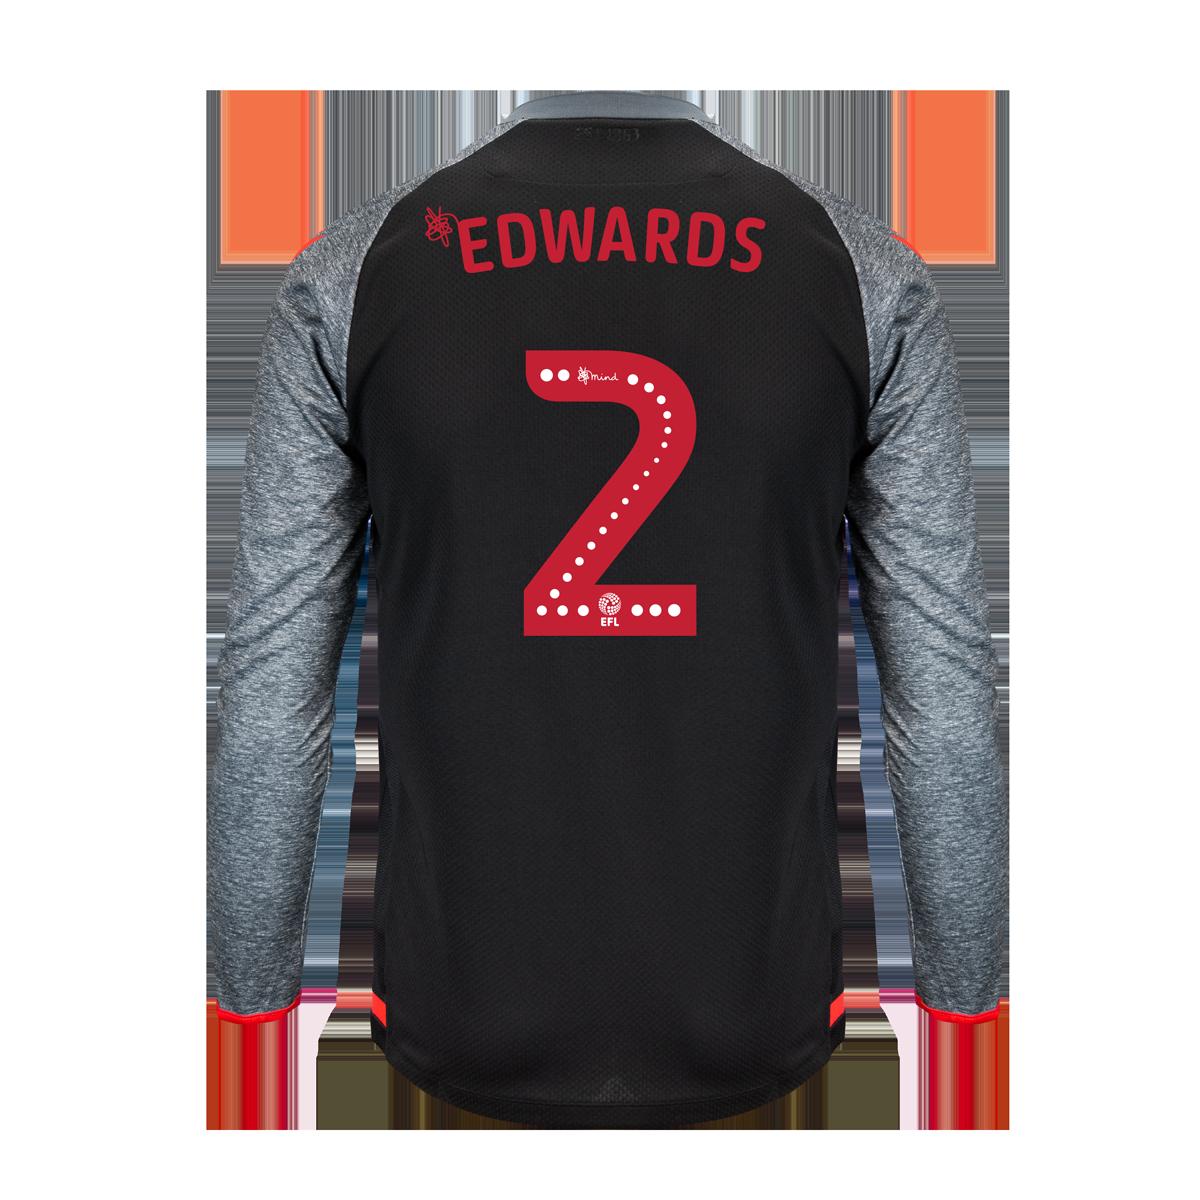 2019/20 Adult Away LS Shirt - Edwards